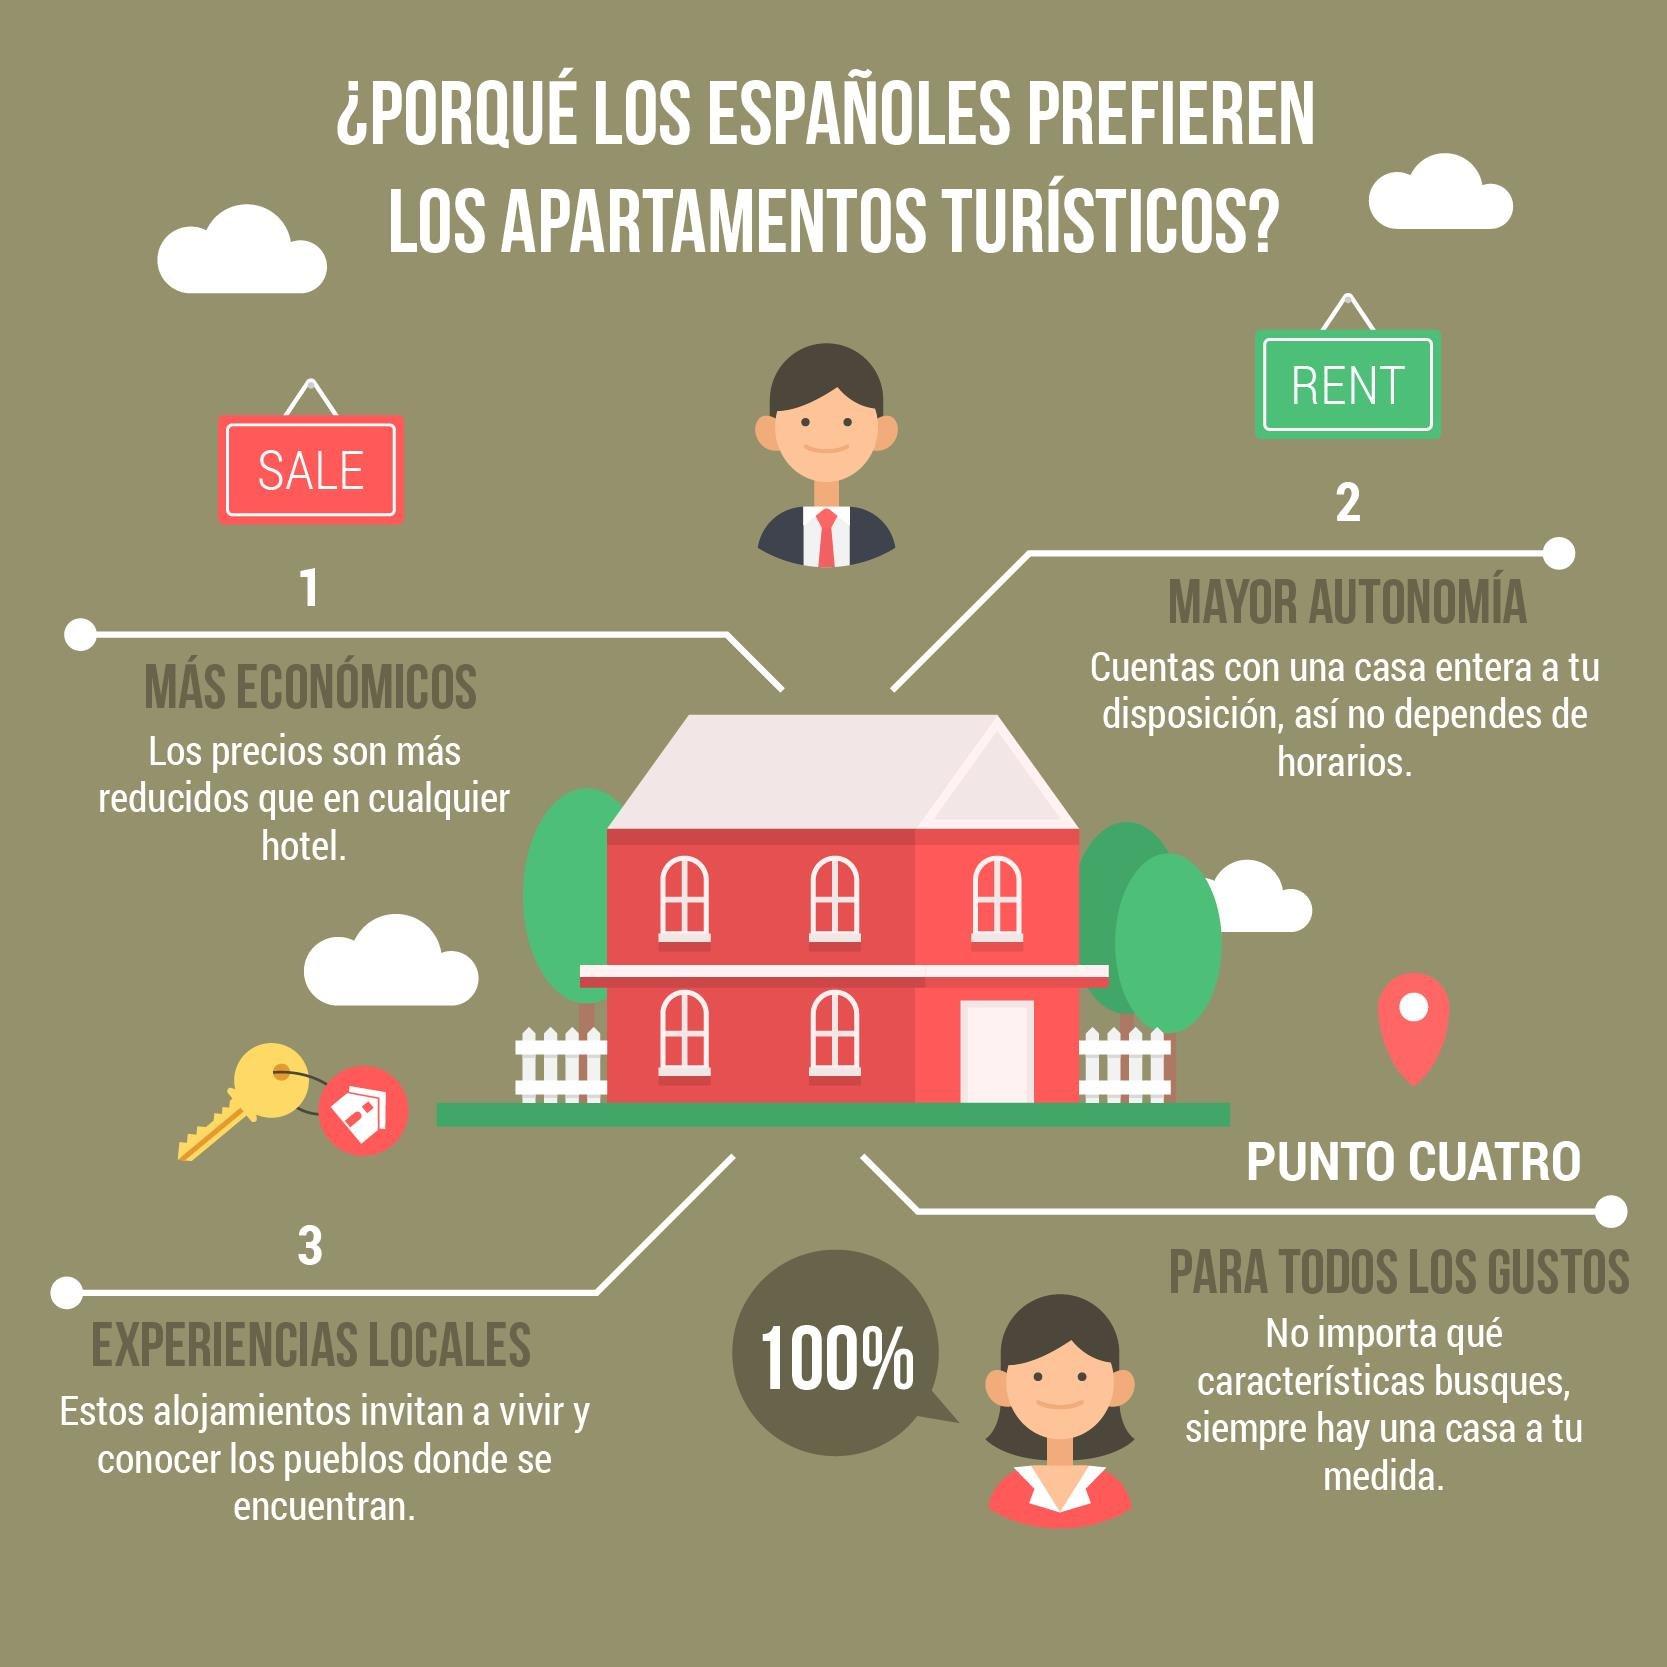 Apartamentos turísticos en España